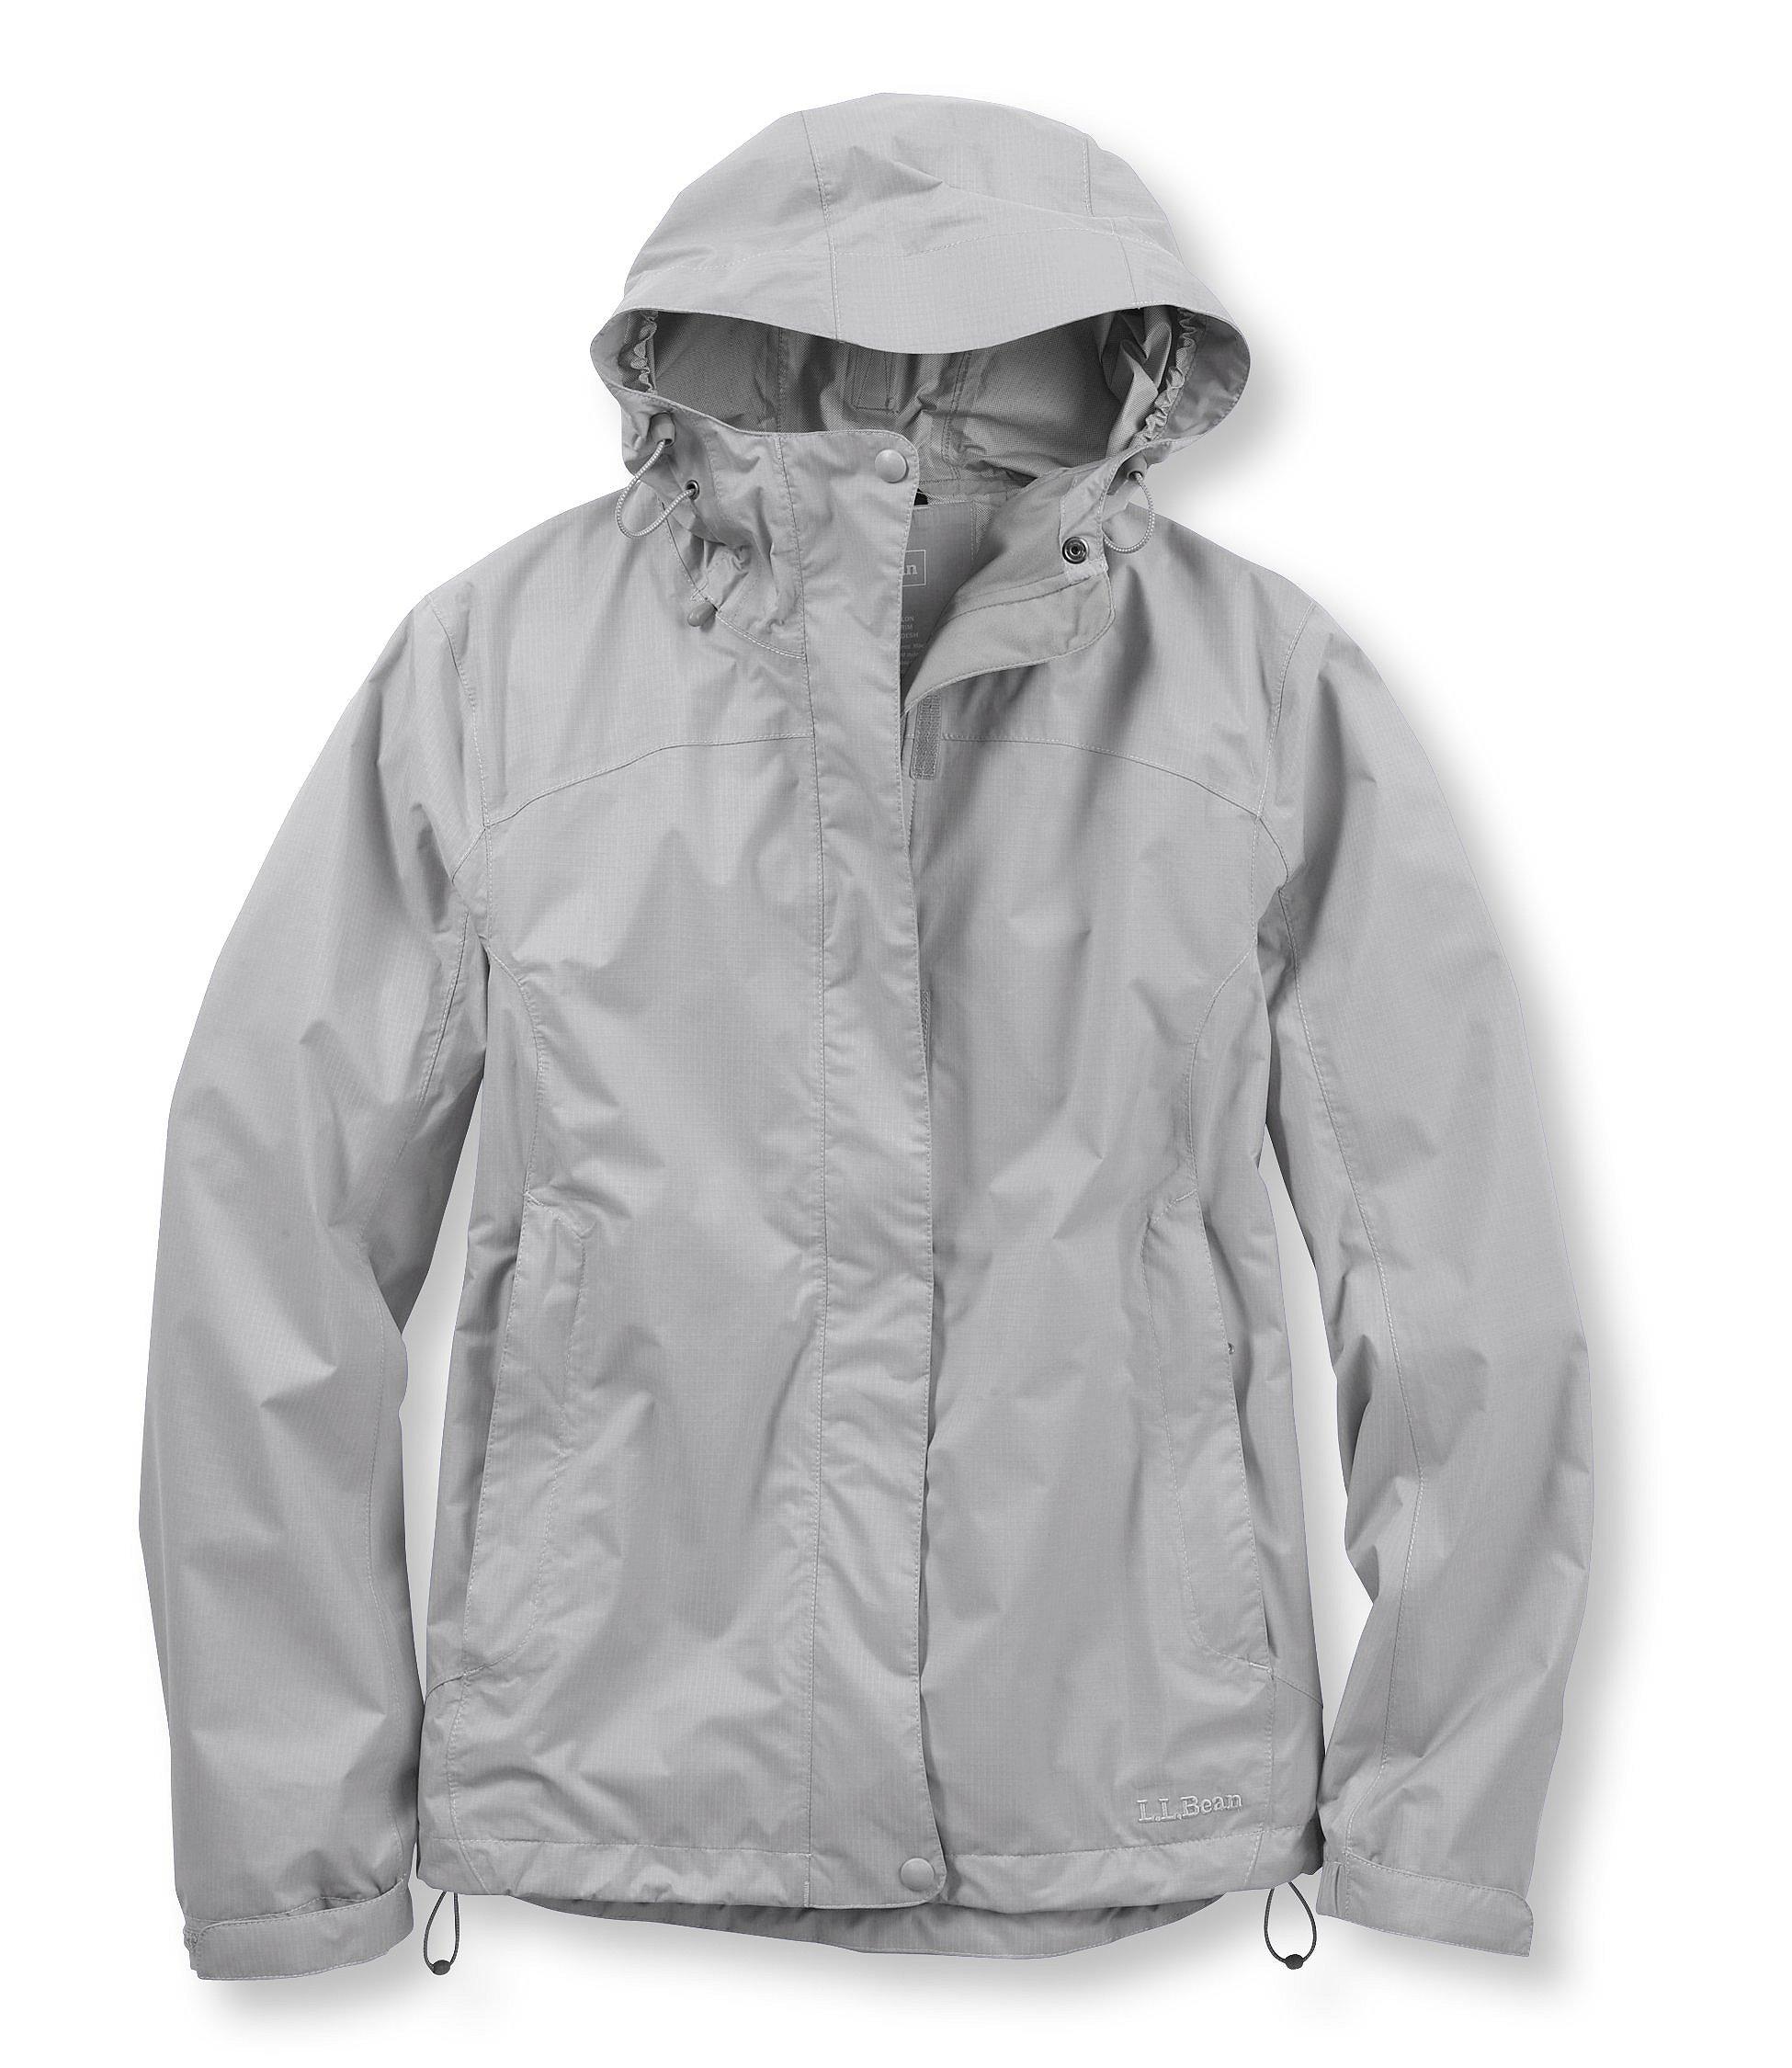 Women's Trail Model Rain Jacket | Free Shipping at L.L.Bean